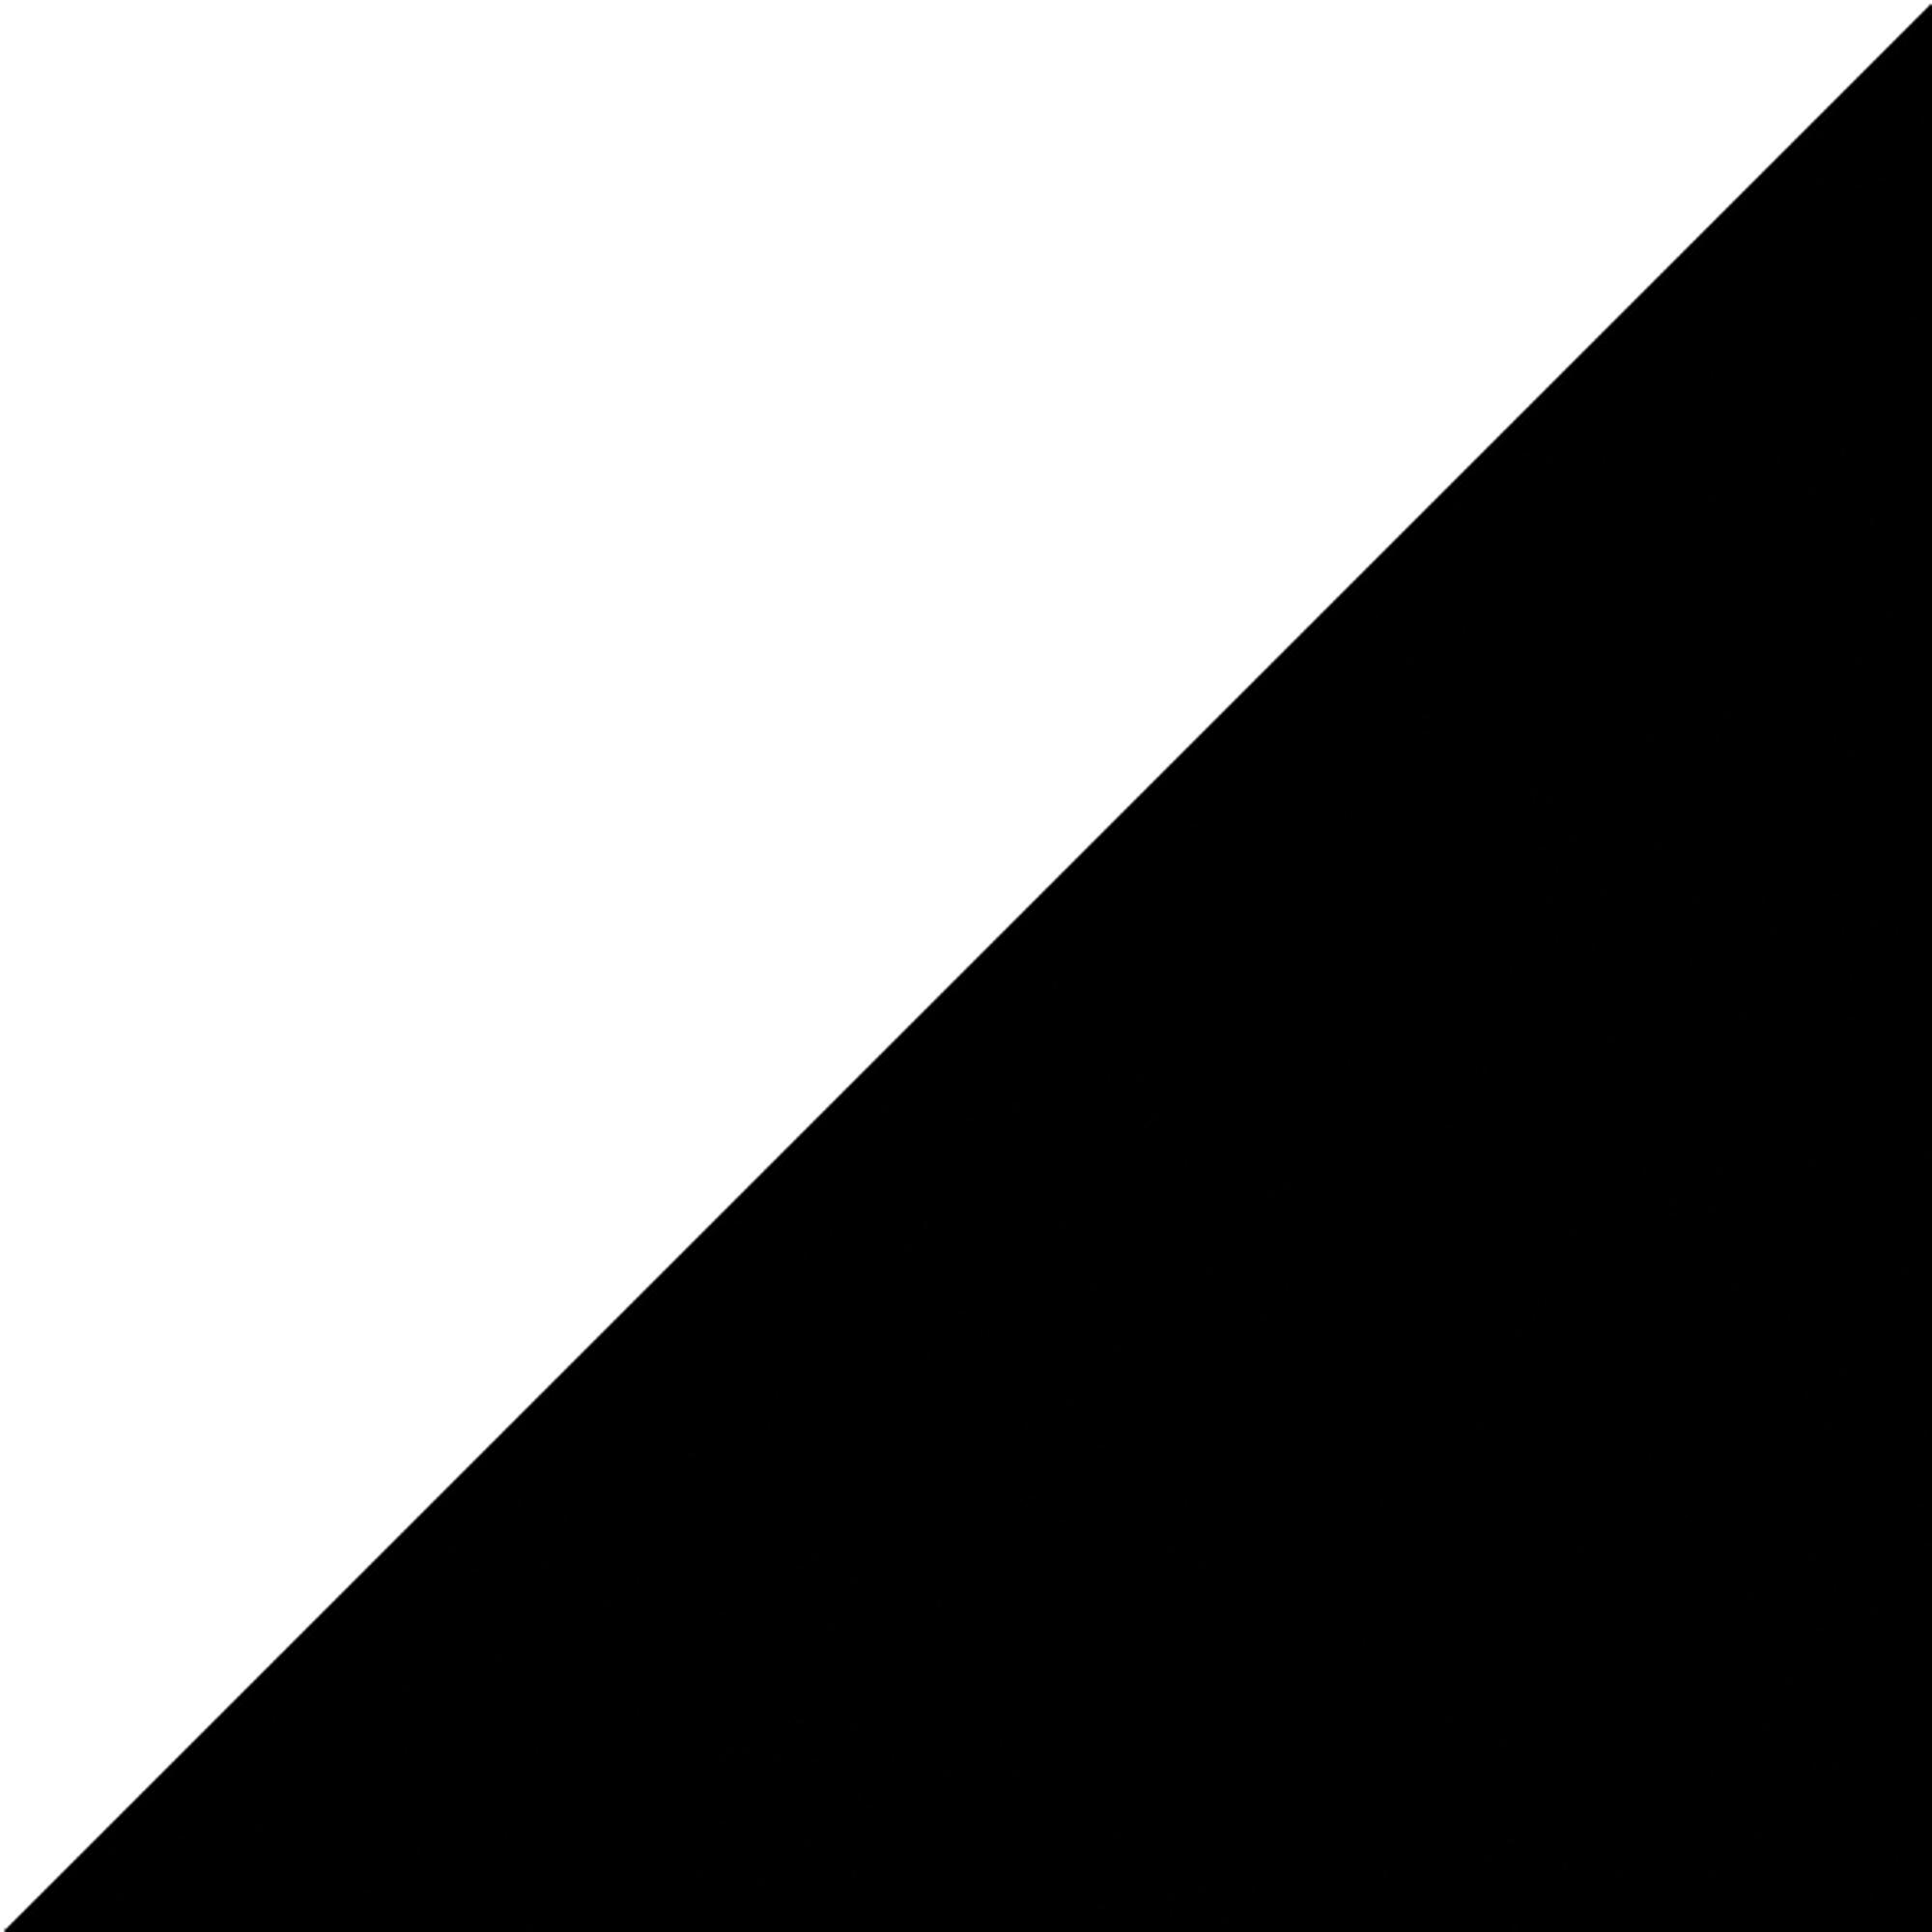 K94845400001VTE0, Retromix, Valkoinen, lattia,pakkasenkesto,uimahalli